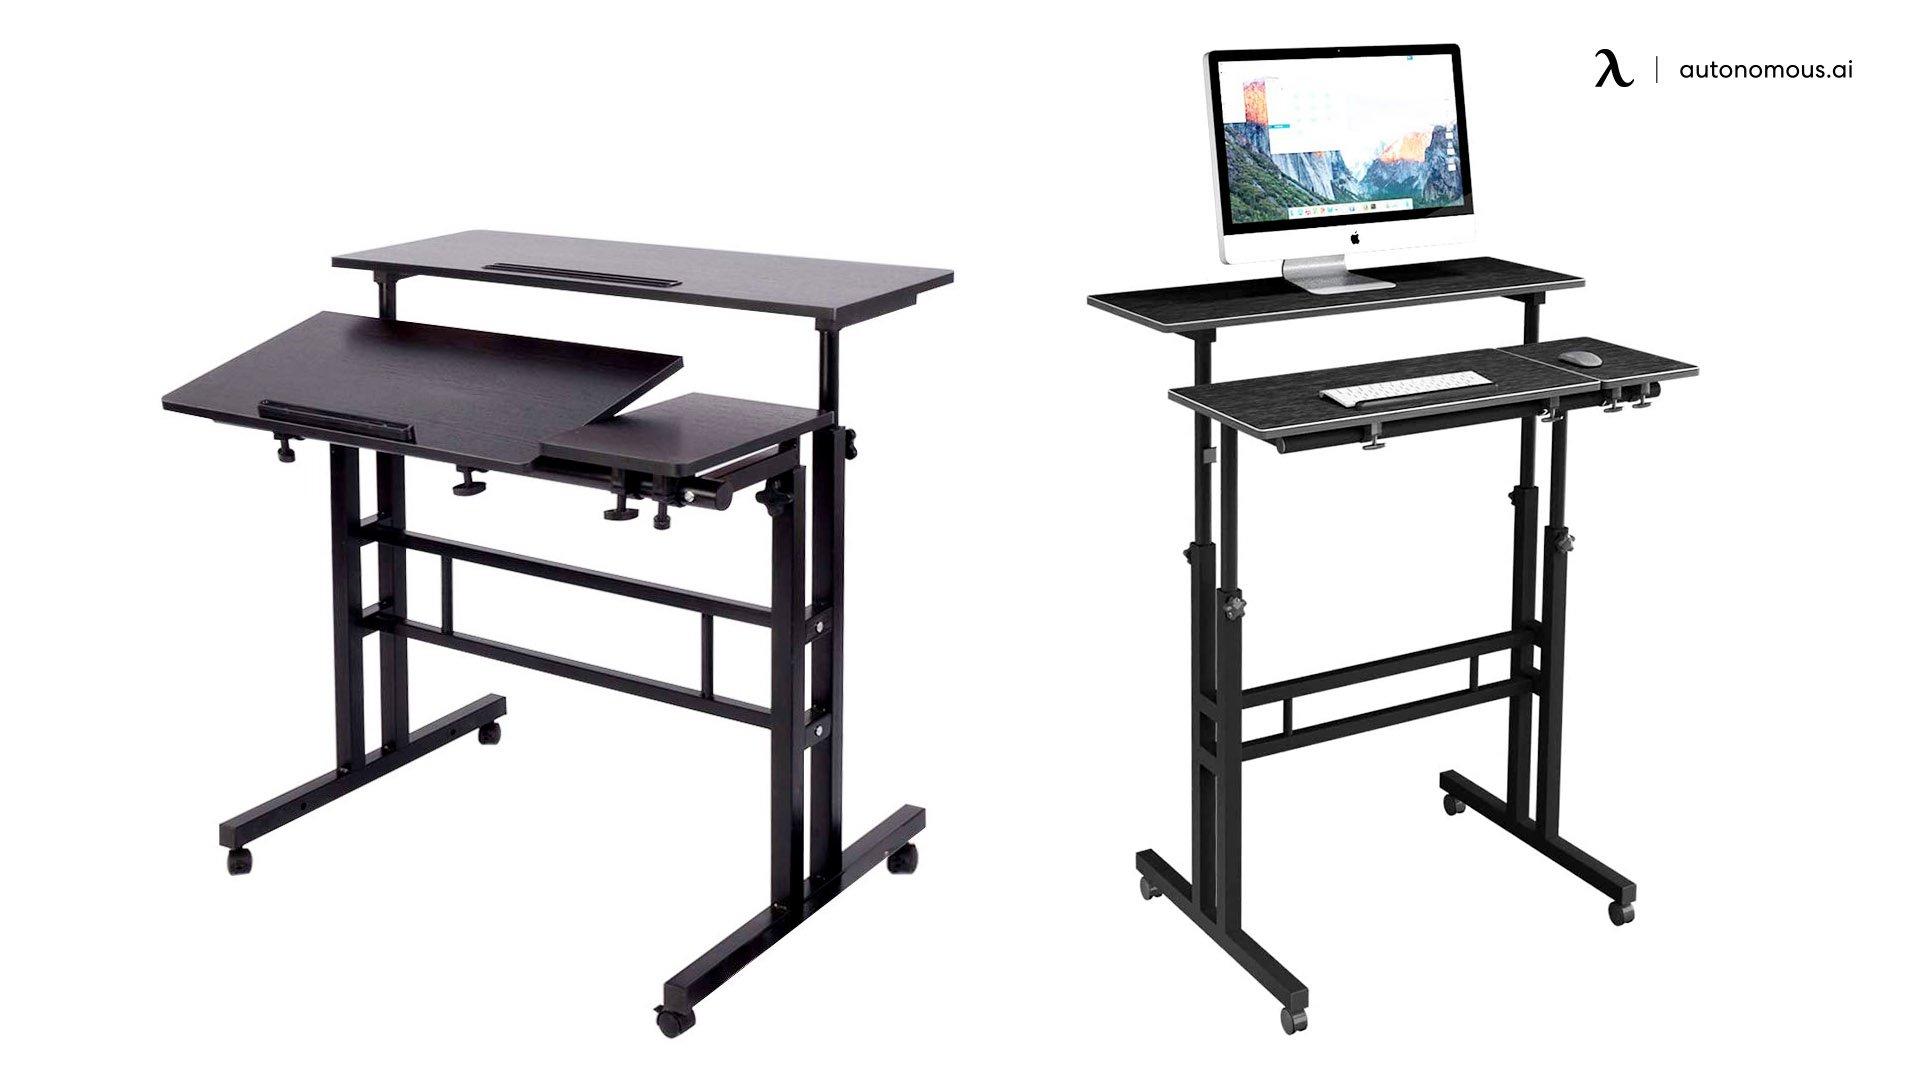 DlandHome Adjustable Standing Desk UK